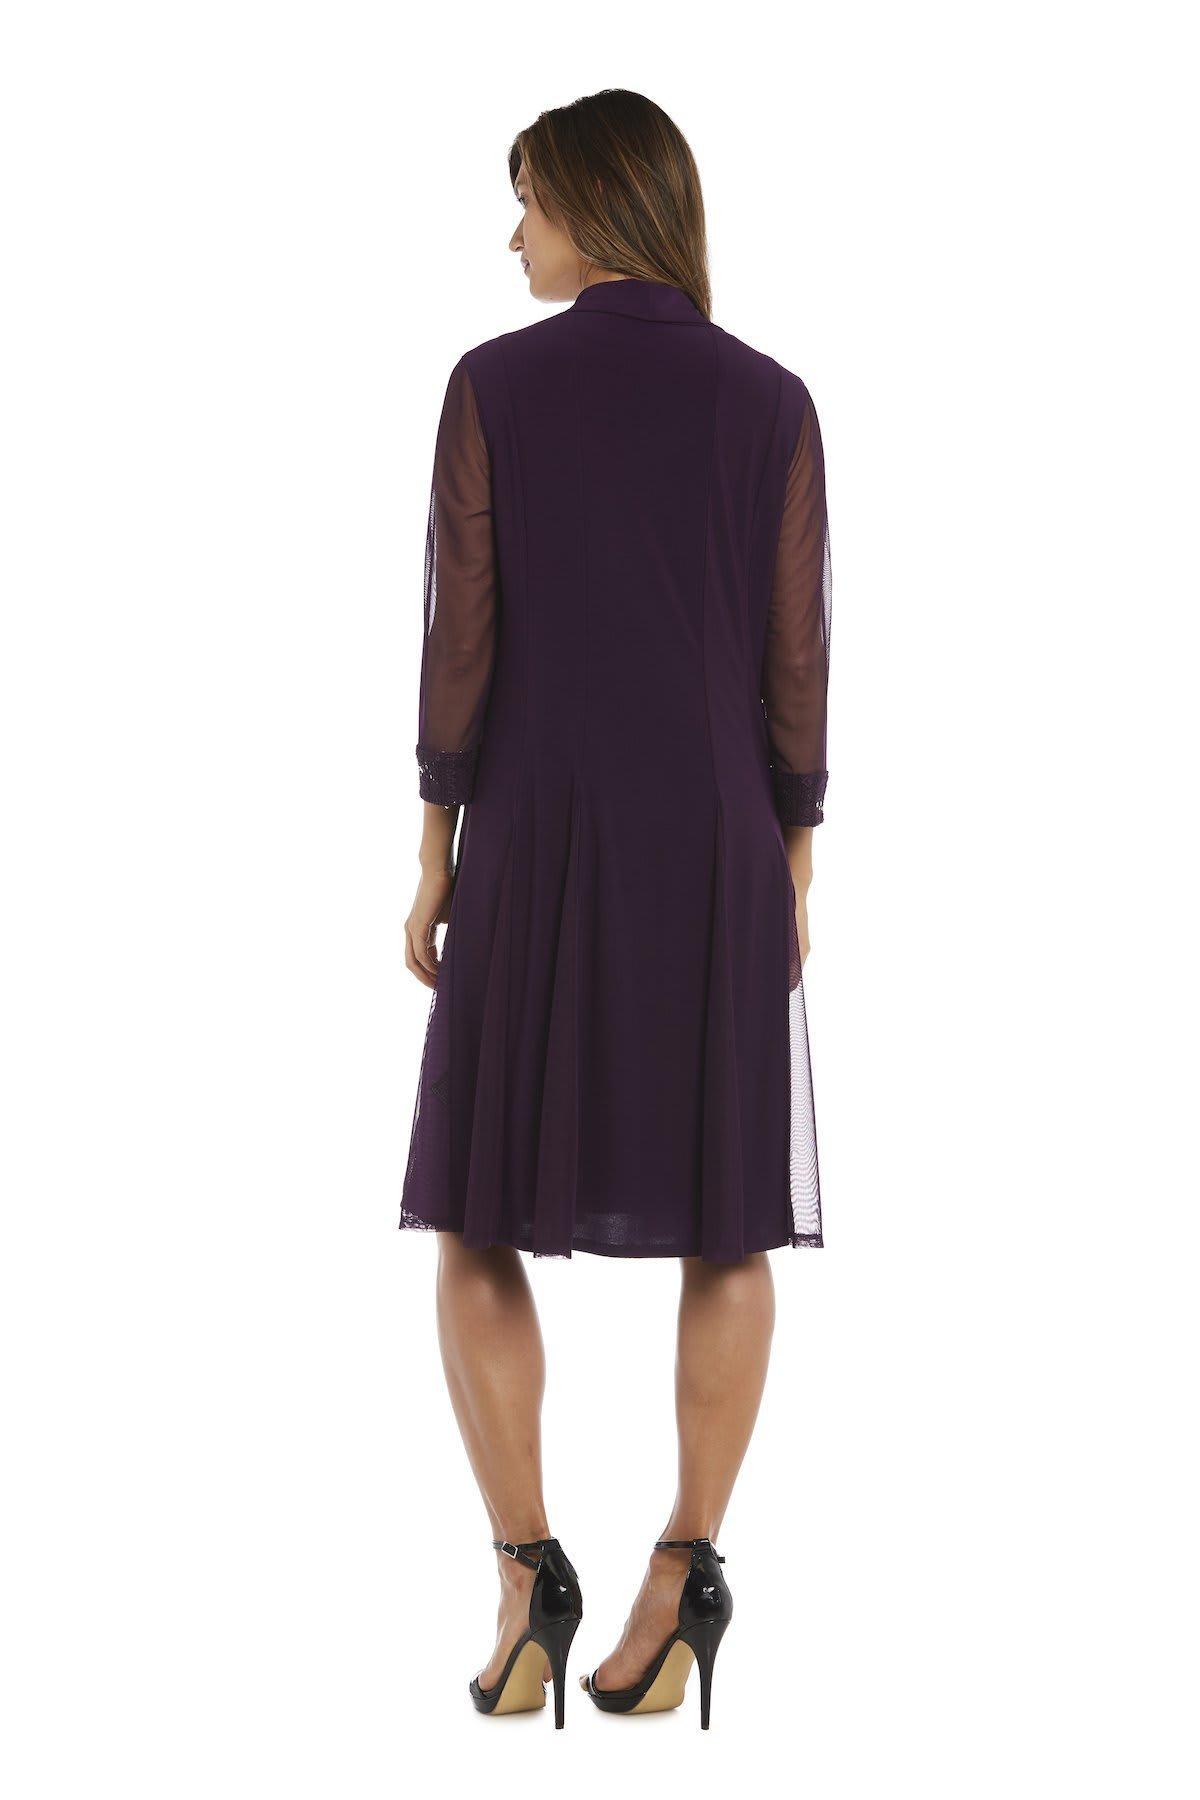 Embellished Shift Dress with Sheer Jacket - Plum - Back